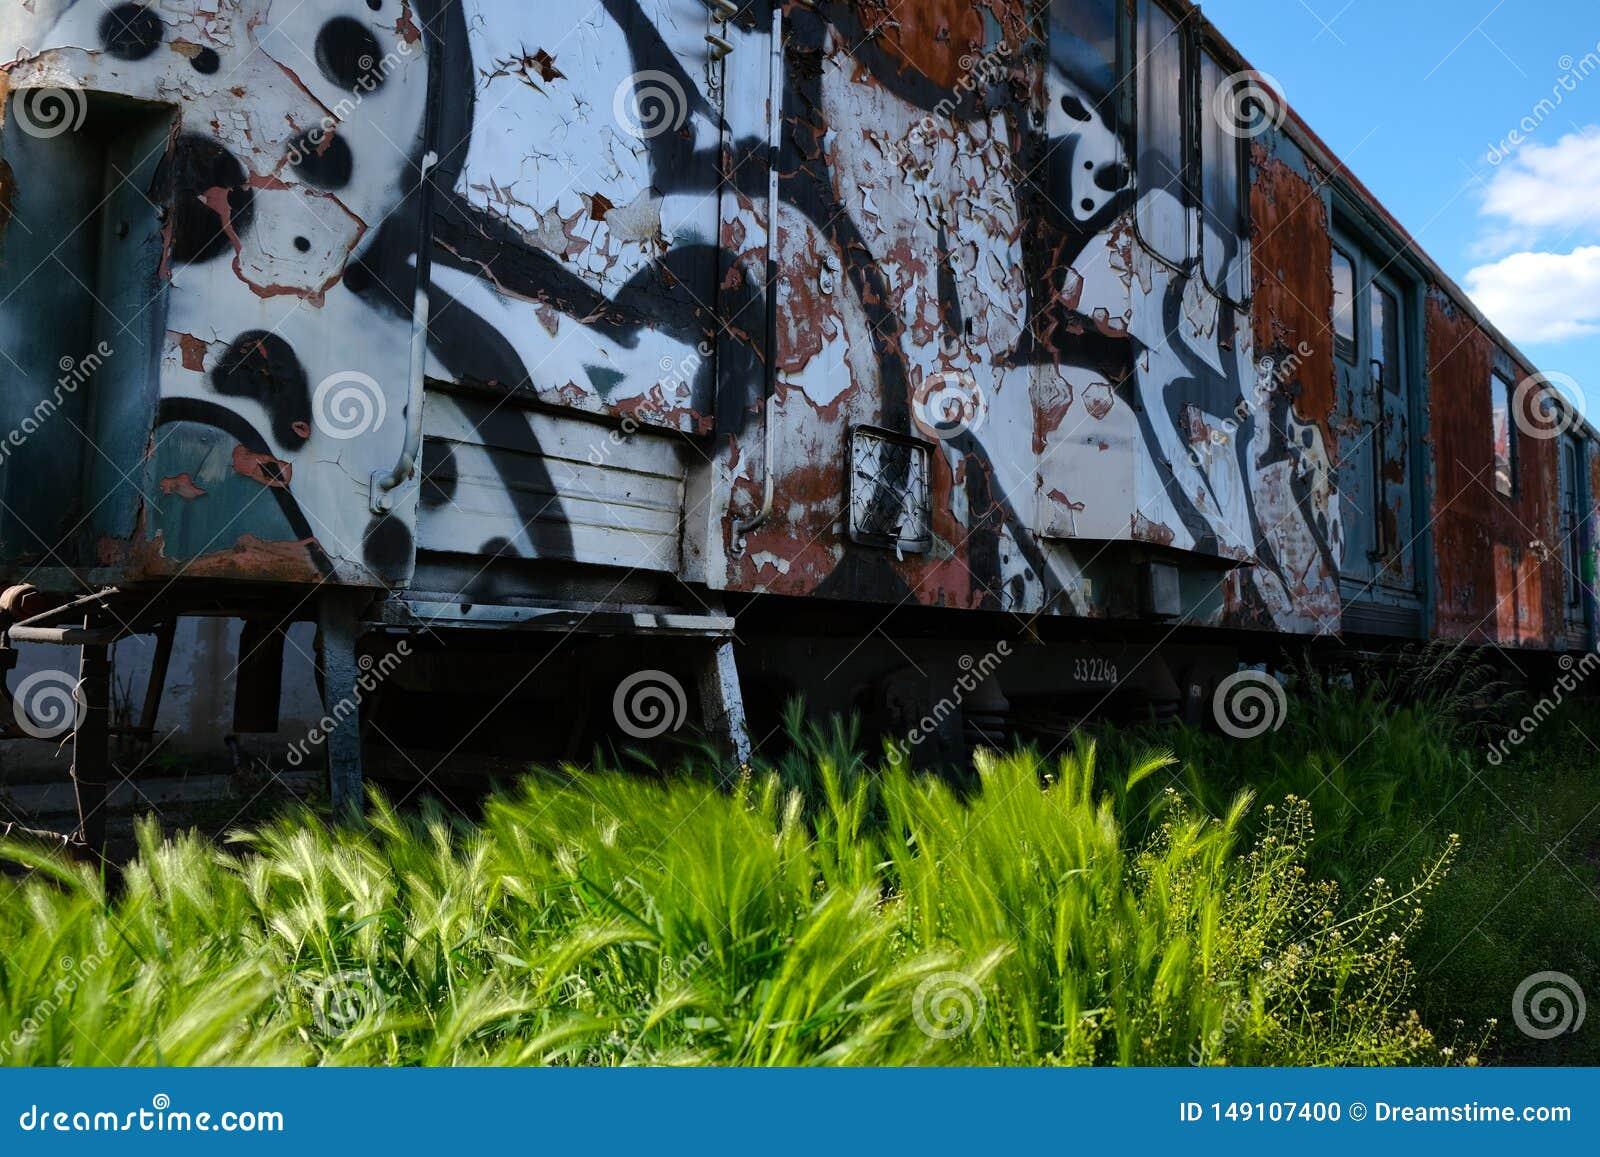 Tren viejo en el dep?sito cubierto en pintada